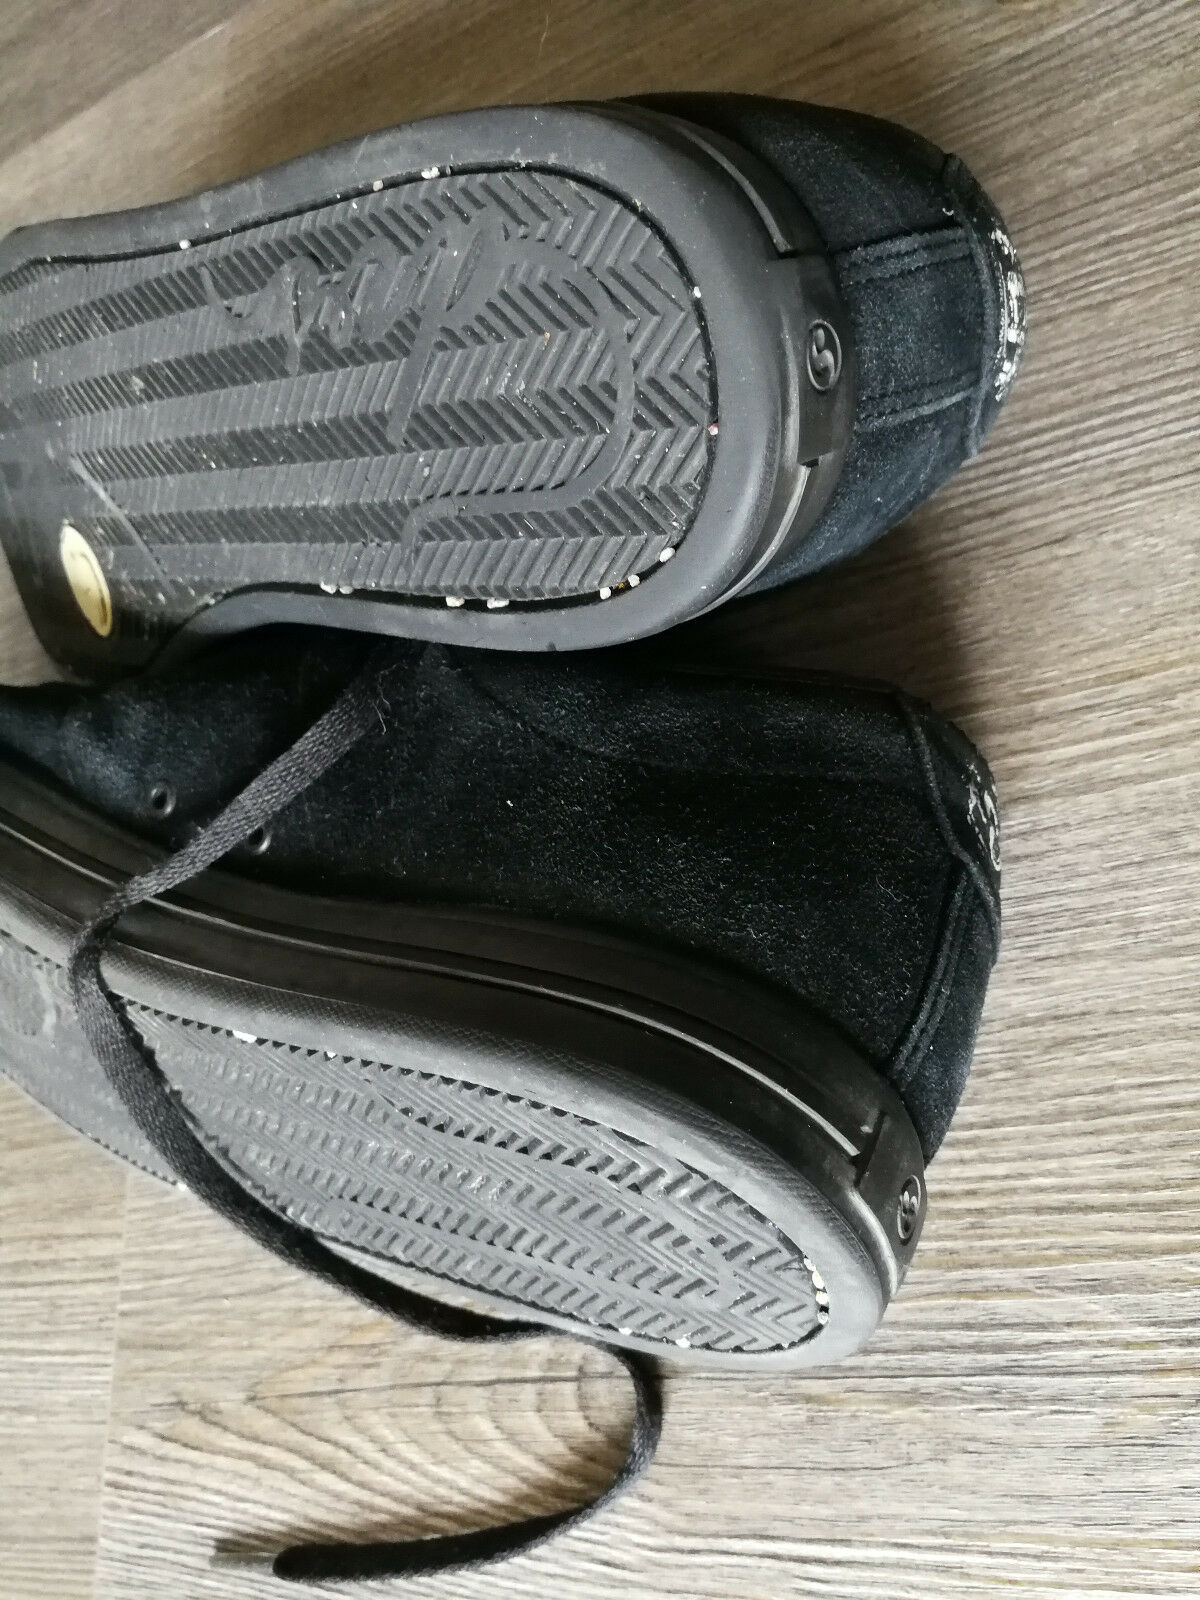 DVS Jason Schuhe  Outdoorschuhe Turnschuhe  Größe 45  Turnschuhe Outdoorschuhe Skater Skate 7e59fb